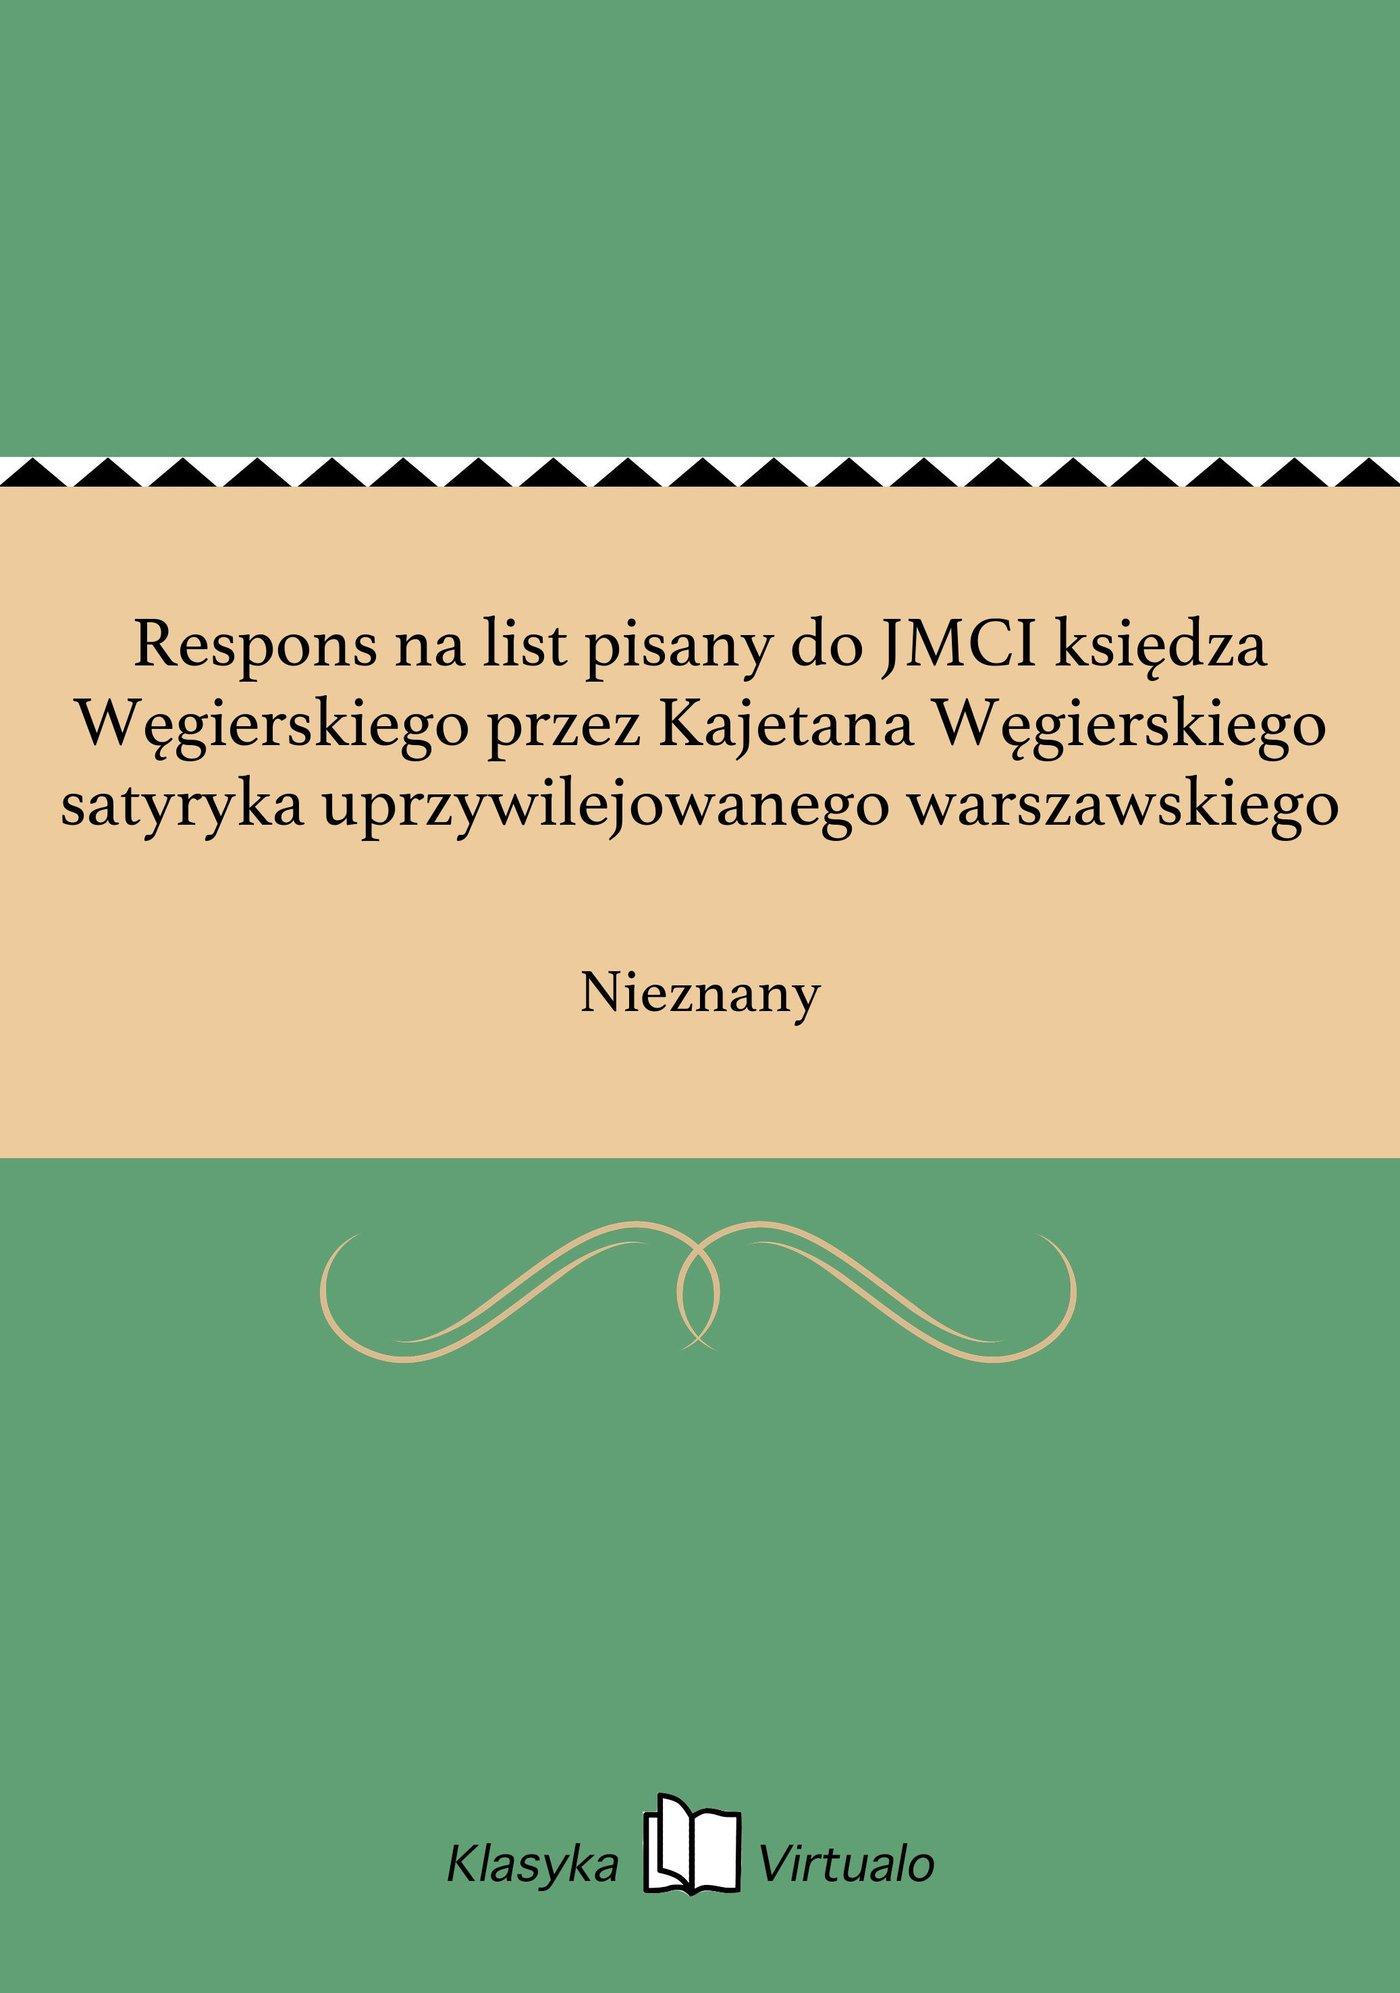 Respons na list pisany do JMCI księdza Węgierskiego przez Kajetana Węgierskiego satyryka uprzywilejowanego warszawskiego - Ebook (Książka EPUB) do pobrania w formacie EPUB